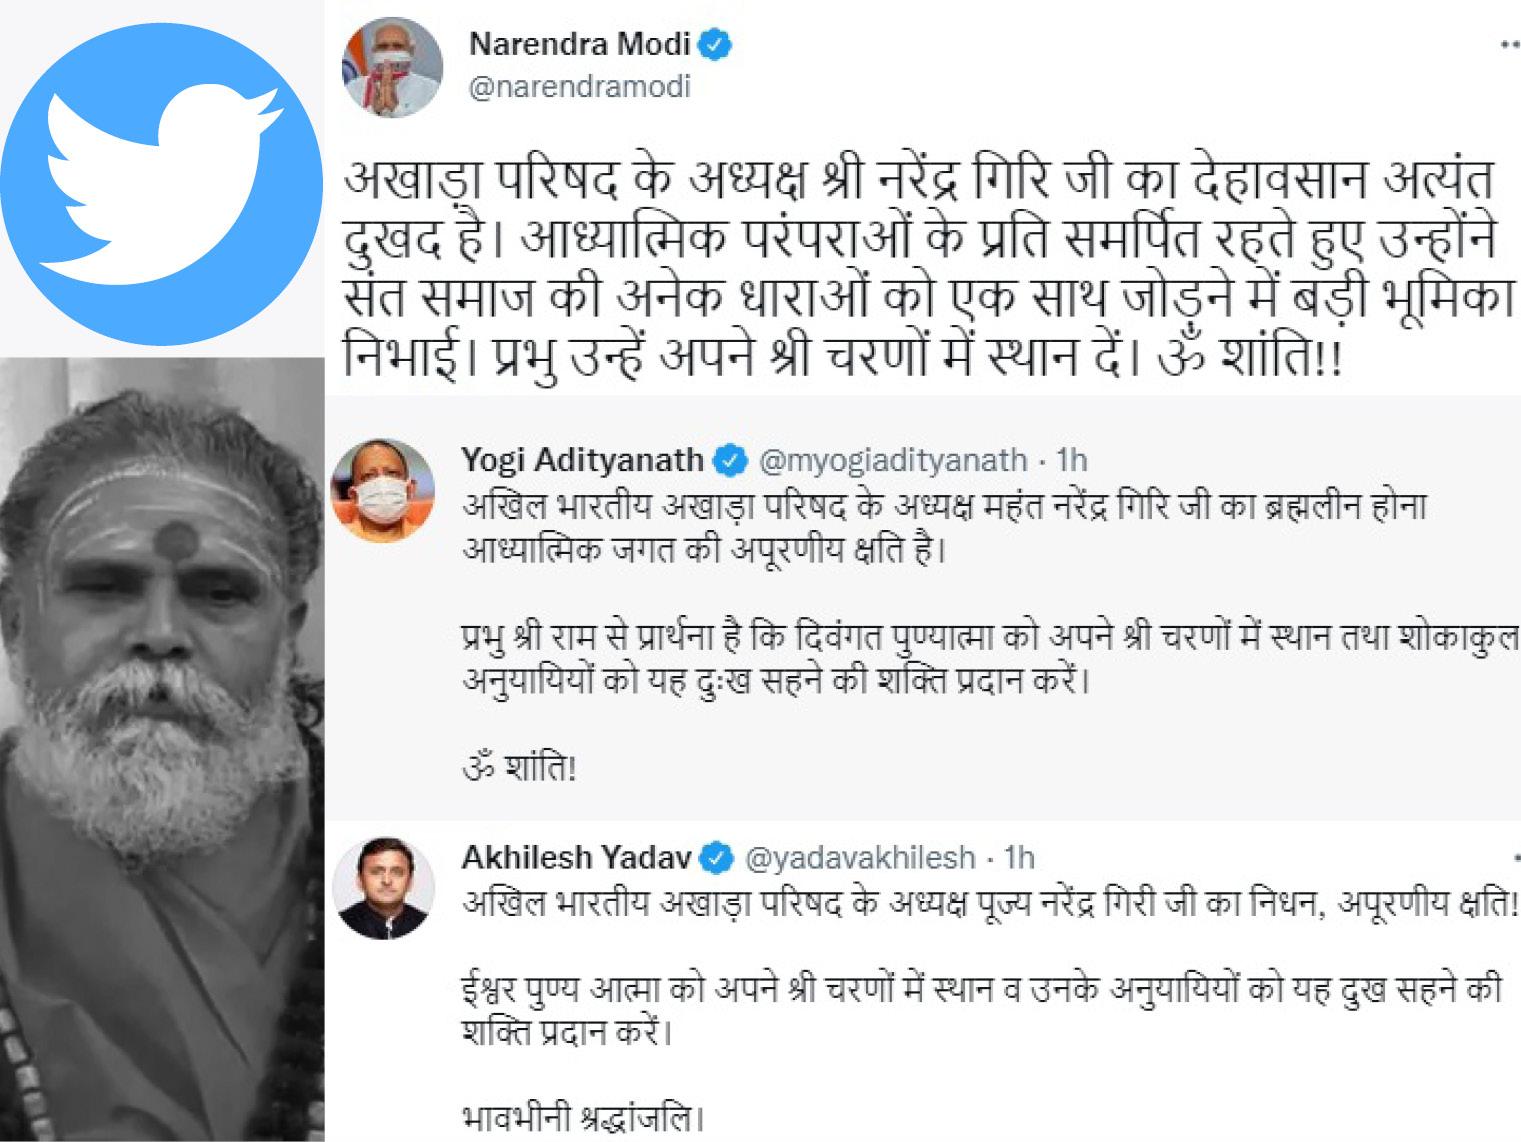 PM मोदी ने कहा- नरेंद्र गिरि जी ने संत समाज की अनेक धाराओं को एक साथ जोड़ा, CM योगी व अखिलेश ने दी श्रद्धांजलि|देश,National - Dainik Bhaskar